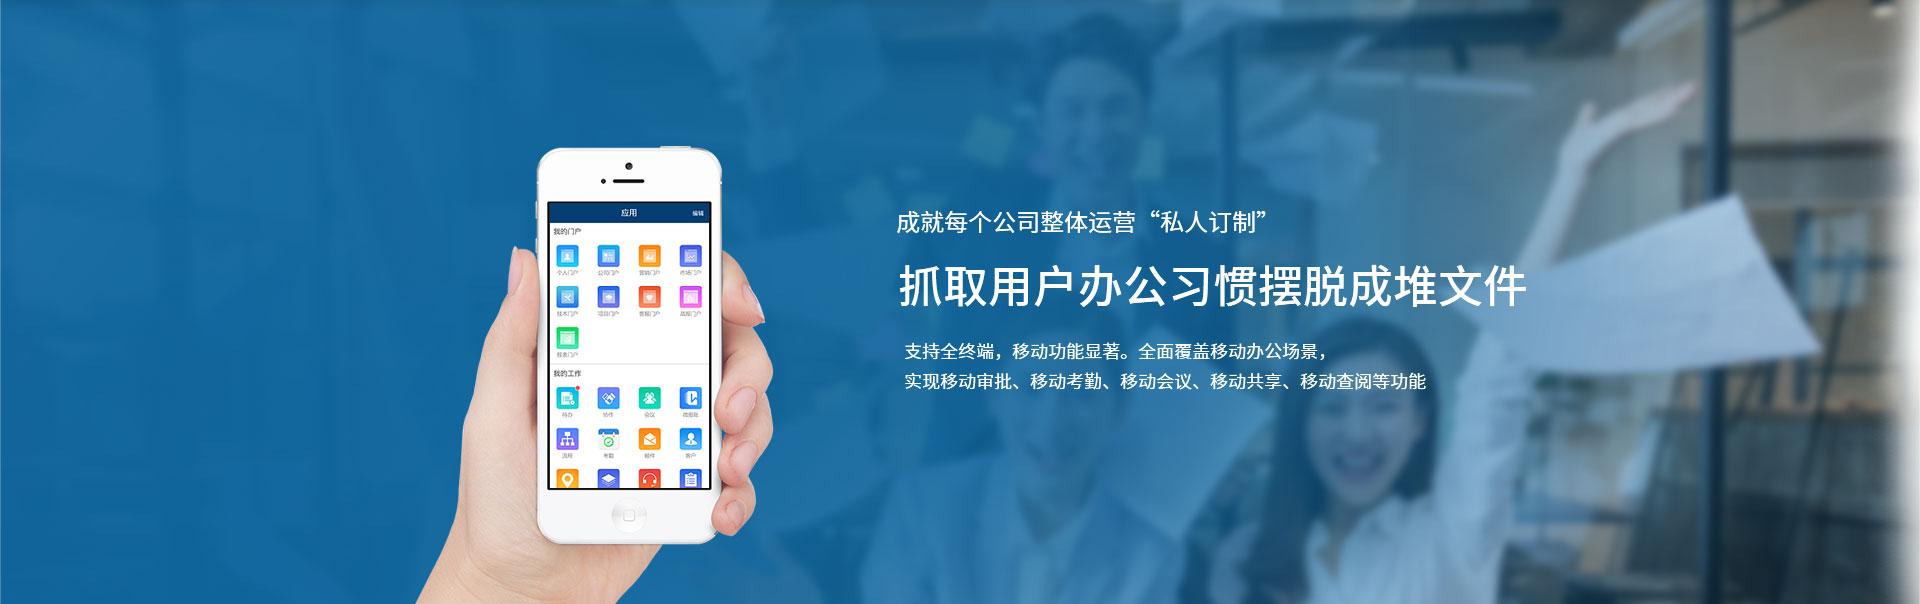 惠州市鼎承軟件有限公司